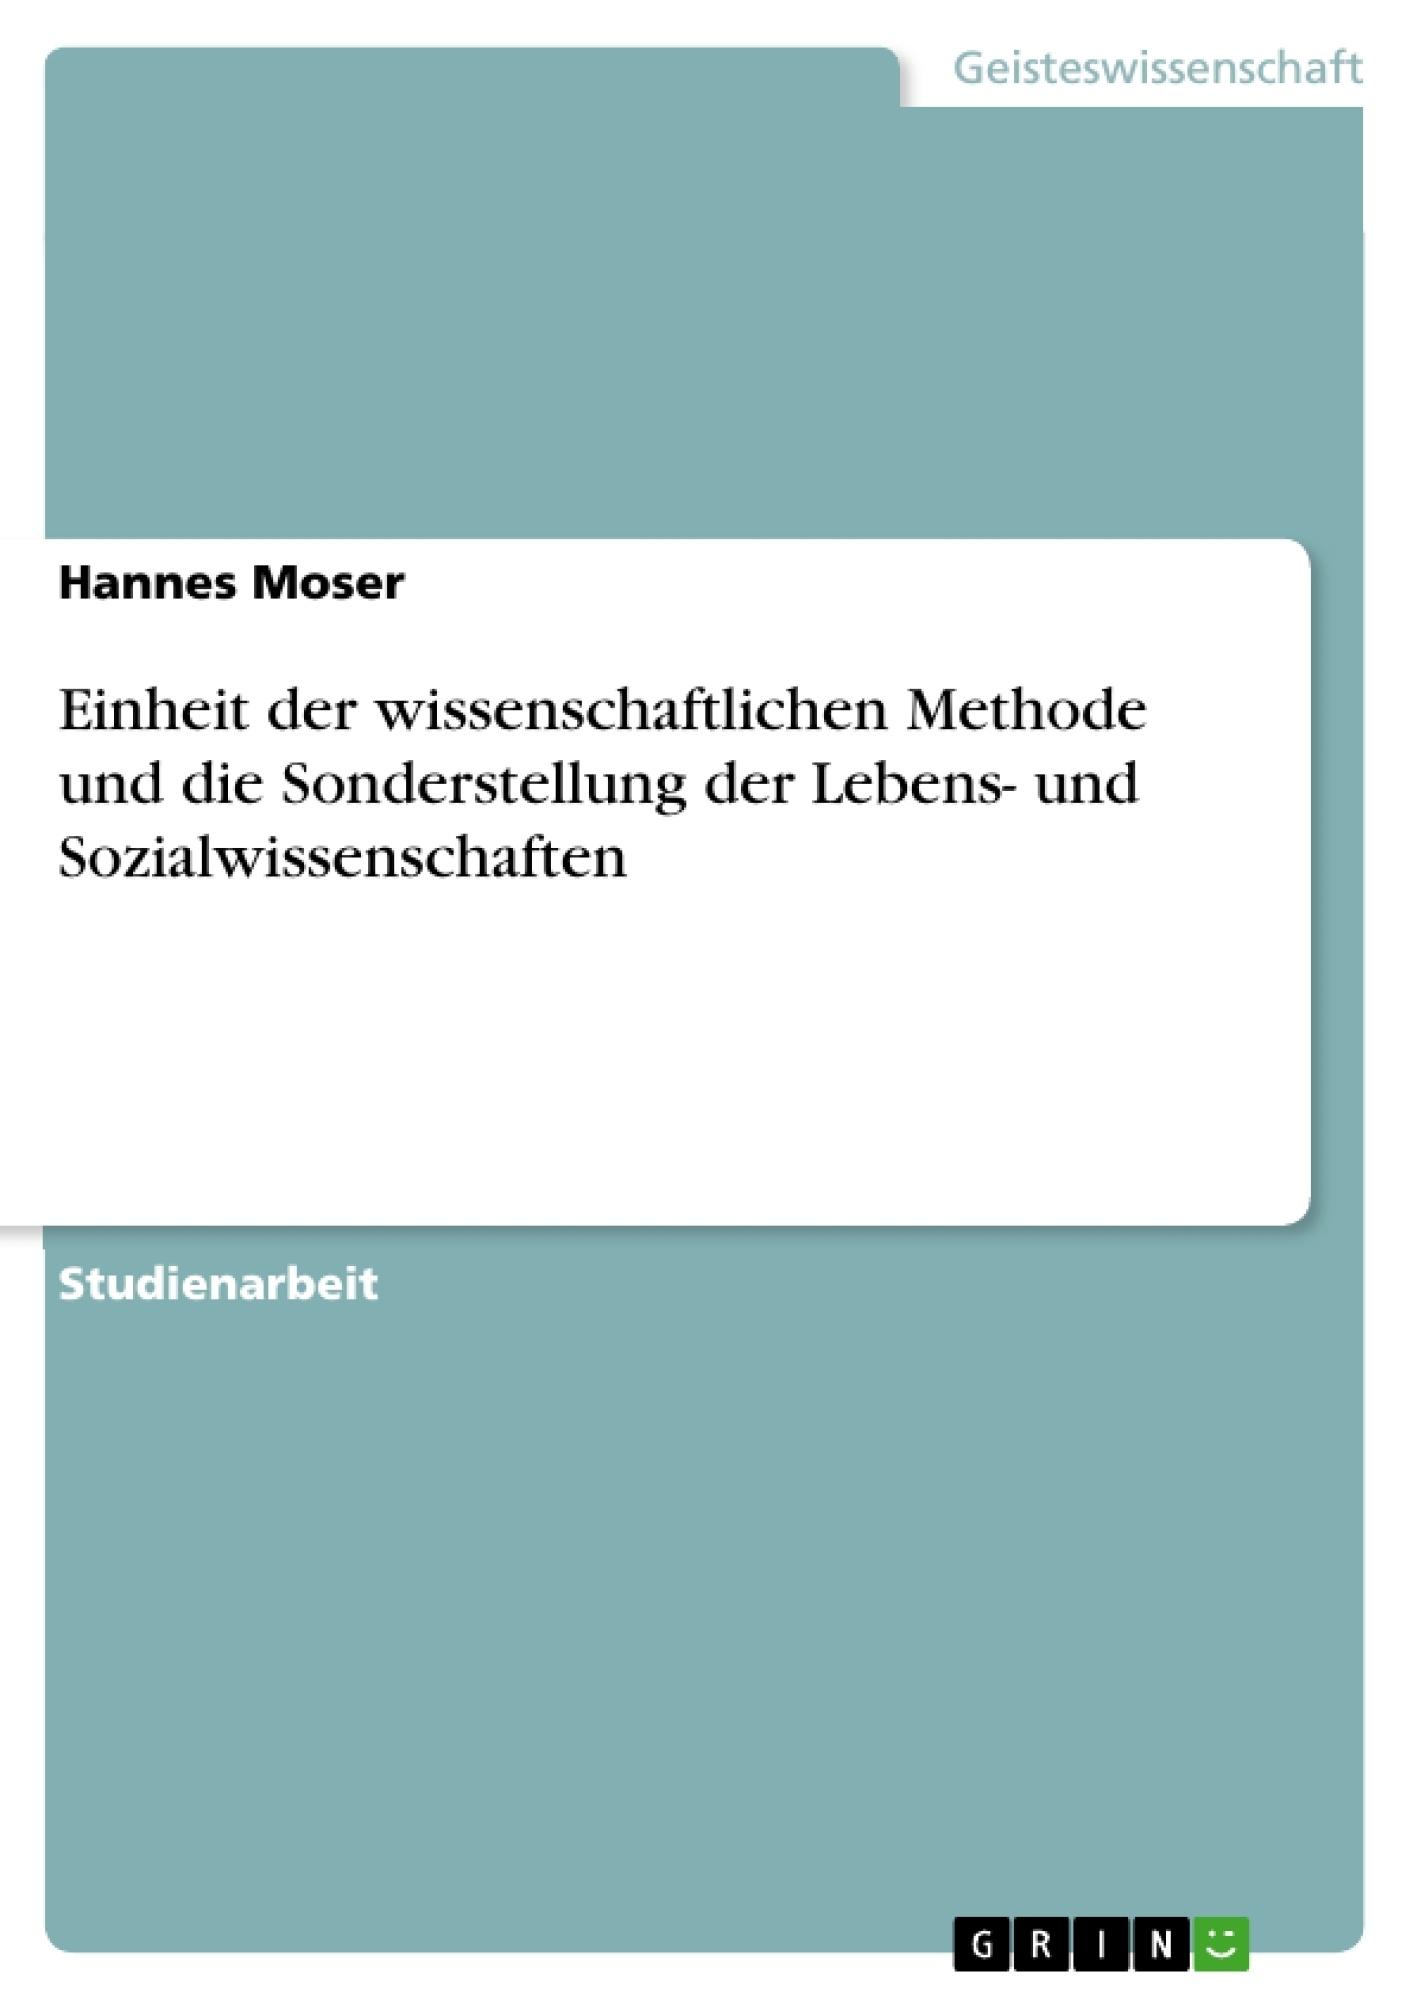 Titel: Einheit der wissenschaftlichen Methode und die Sonderstellung der Lebens- und Sozialwissenschaften